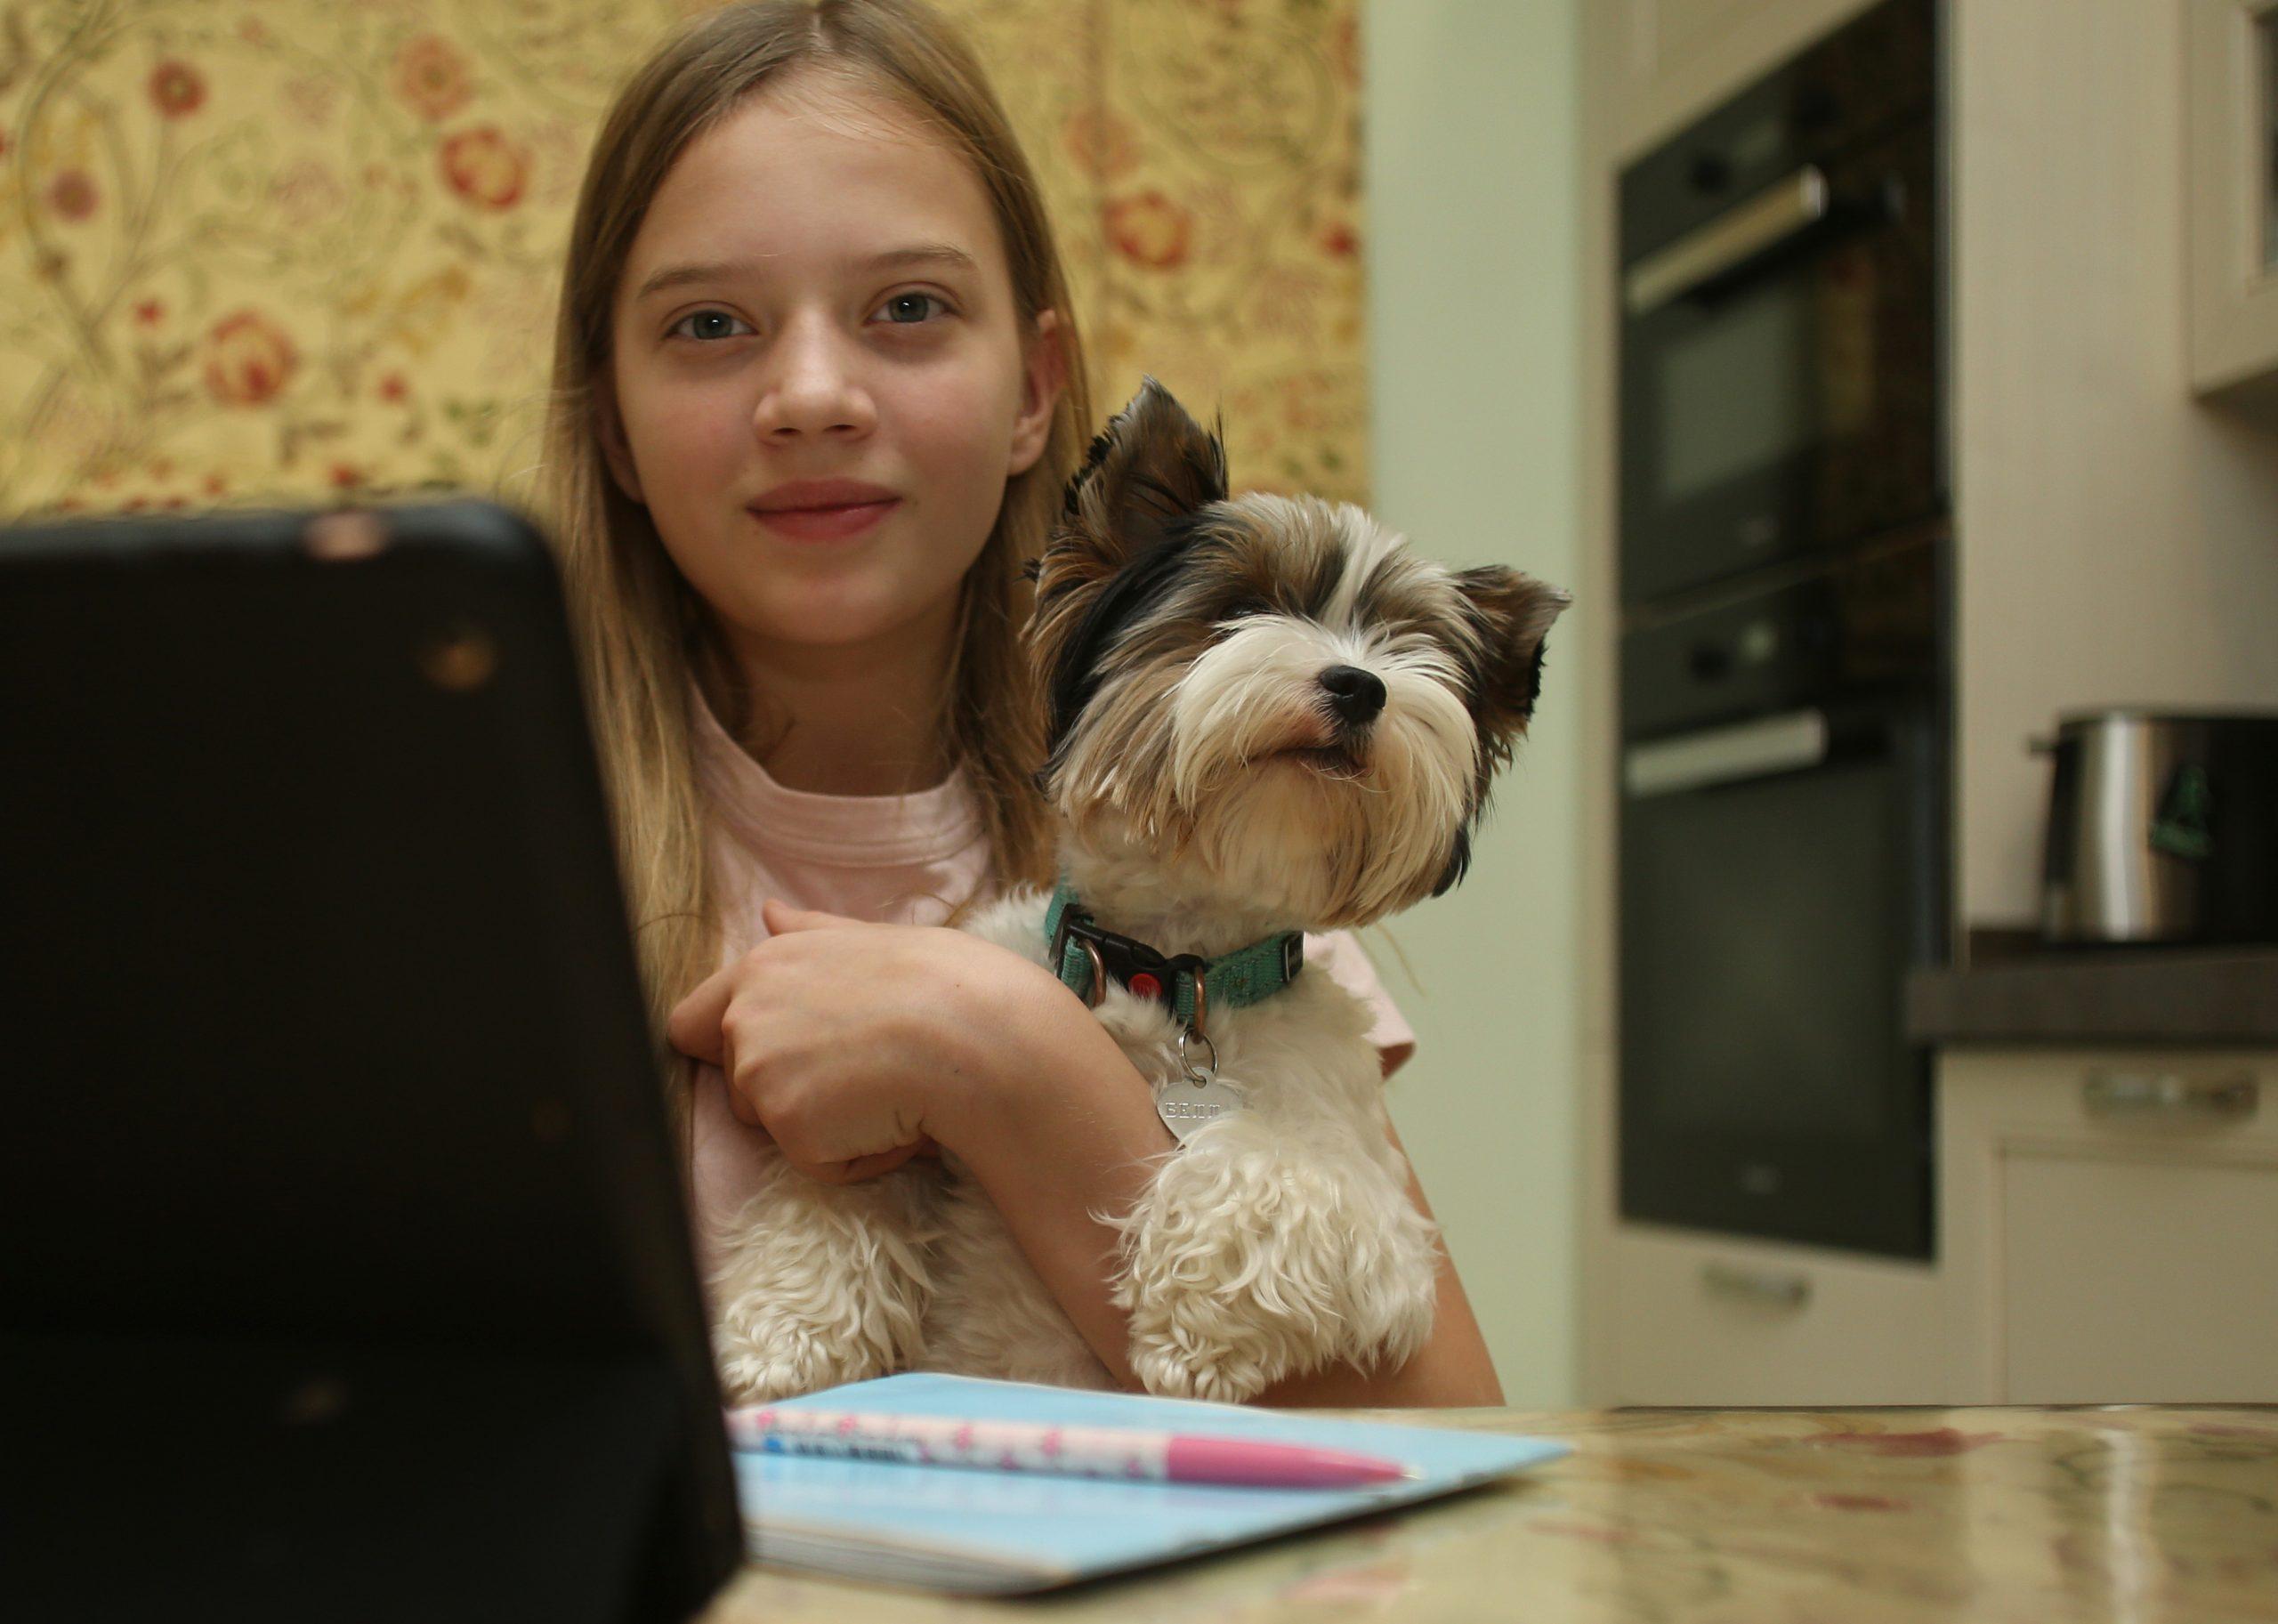 Школьникам района рассказали о лучших электронных пособиях в «МЭШ». Фото: Наталия Нечаева, «Вечерняя Москва»